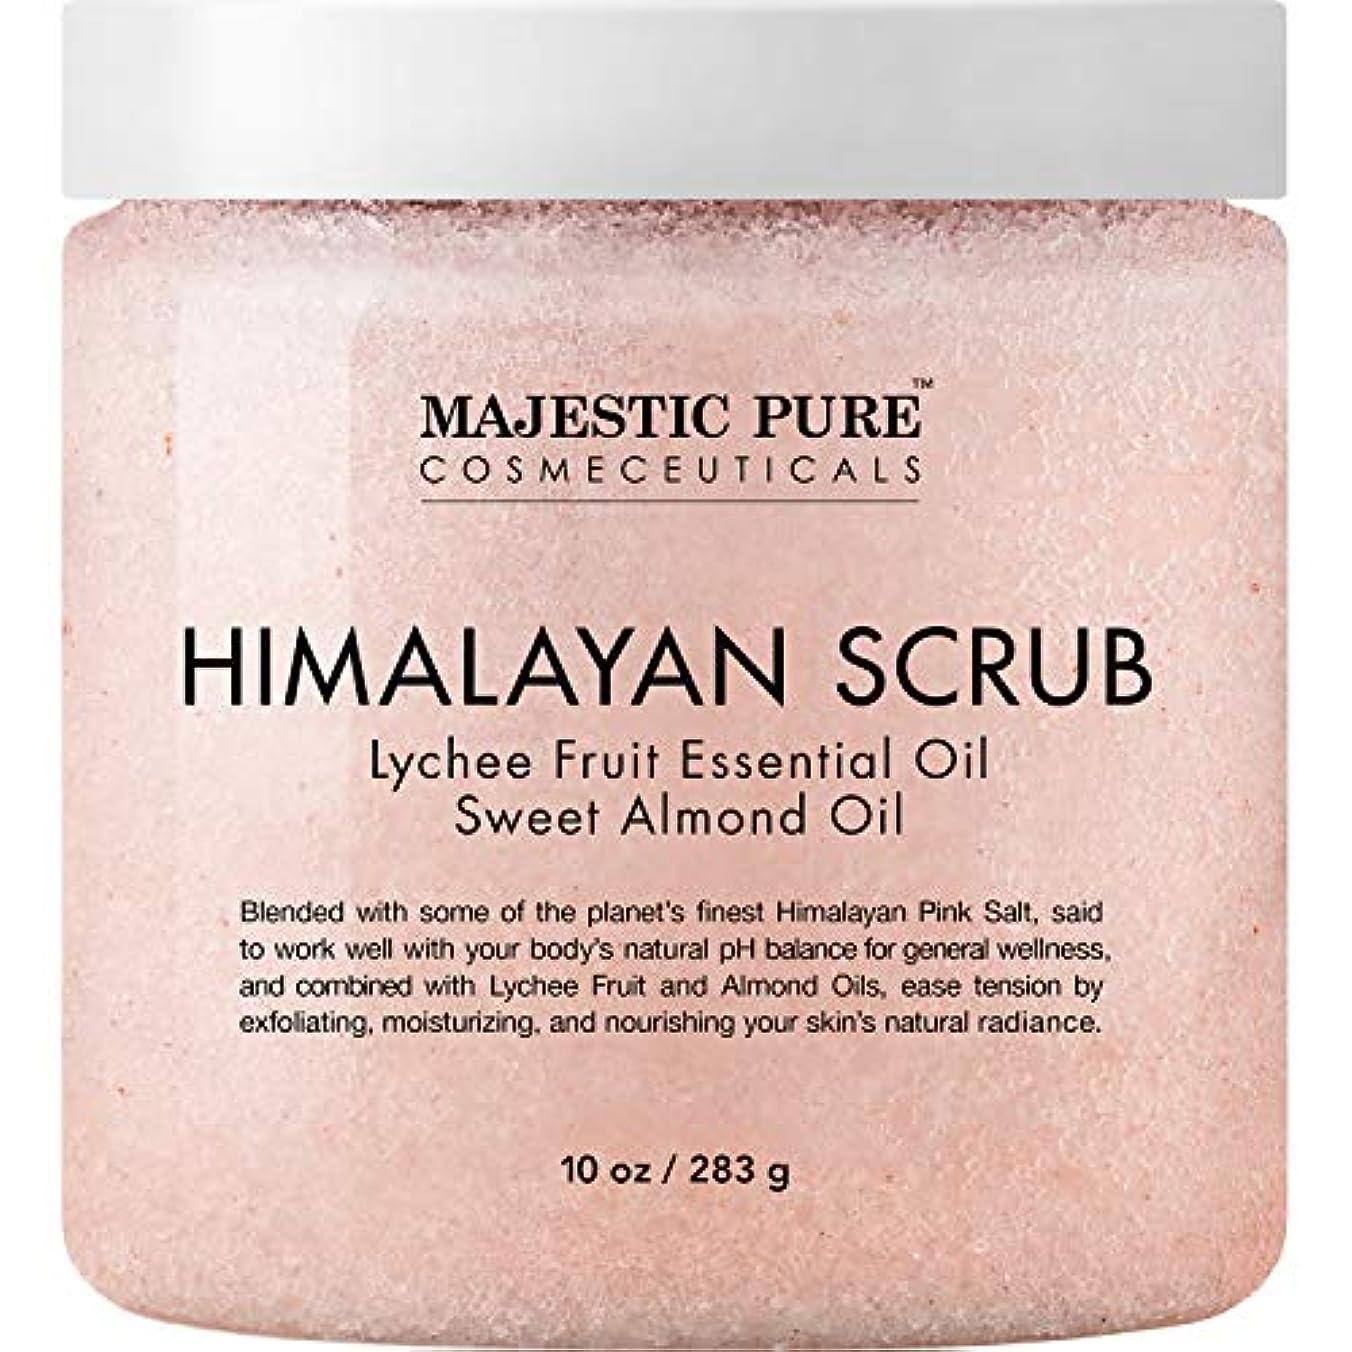 取り消すキリスト教出費Himalayan Salt Body Scrub with Lychee Essential Oil 10 oz 283g ヒマラヤンソルトスクラブ ライチオイル